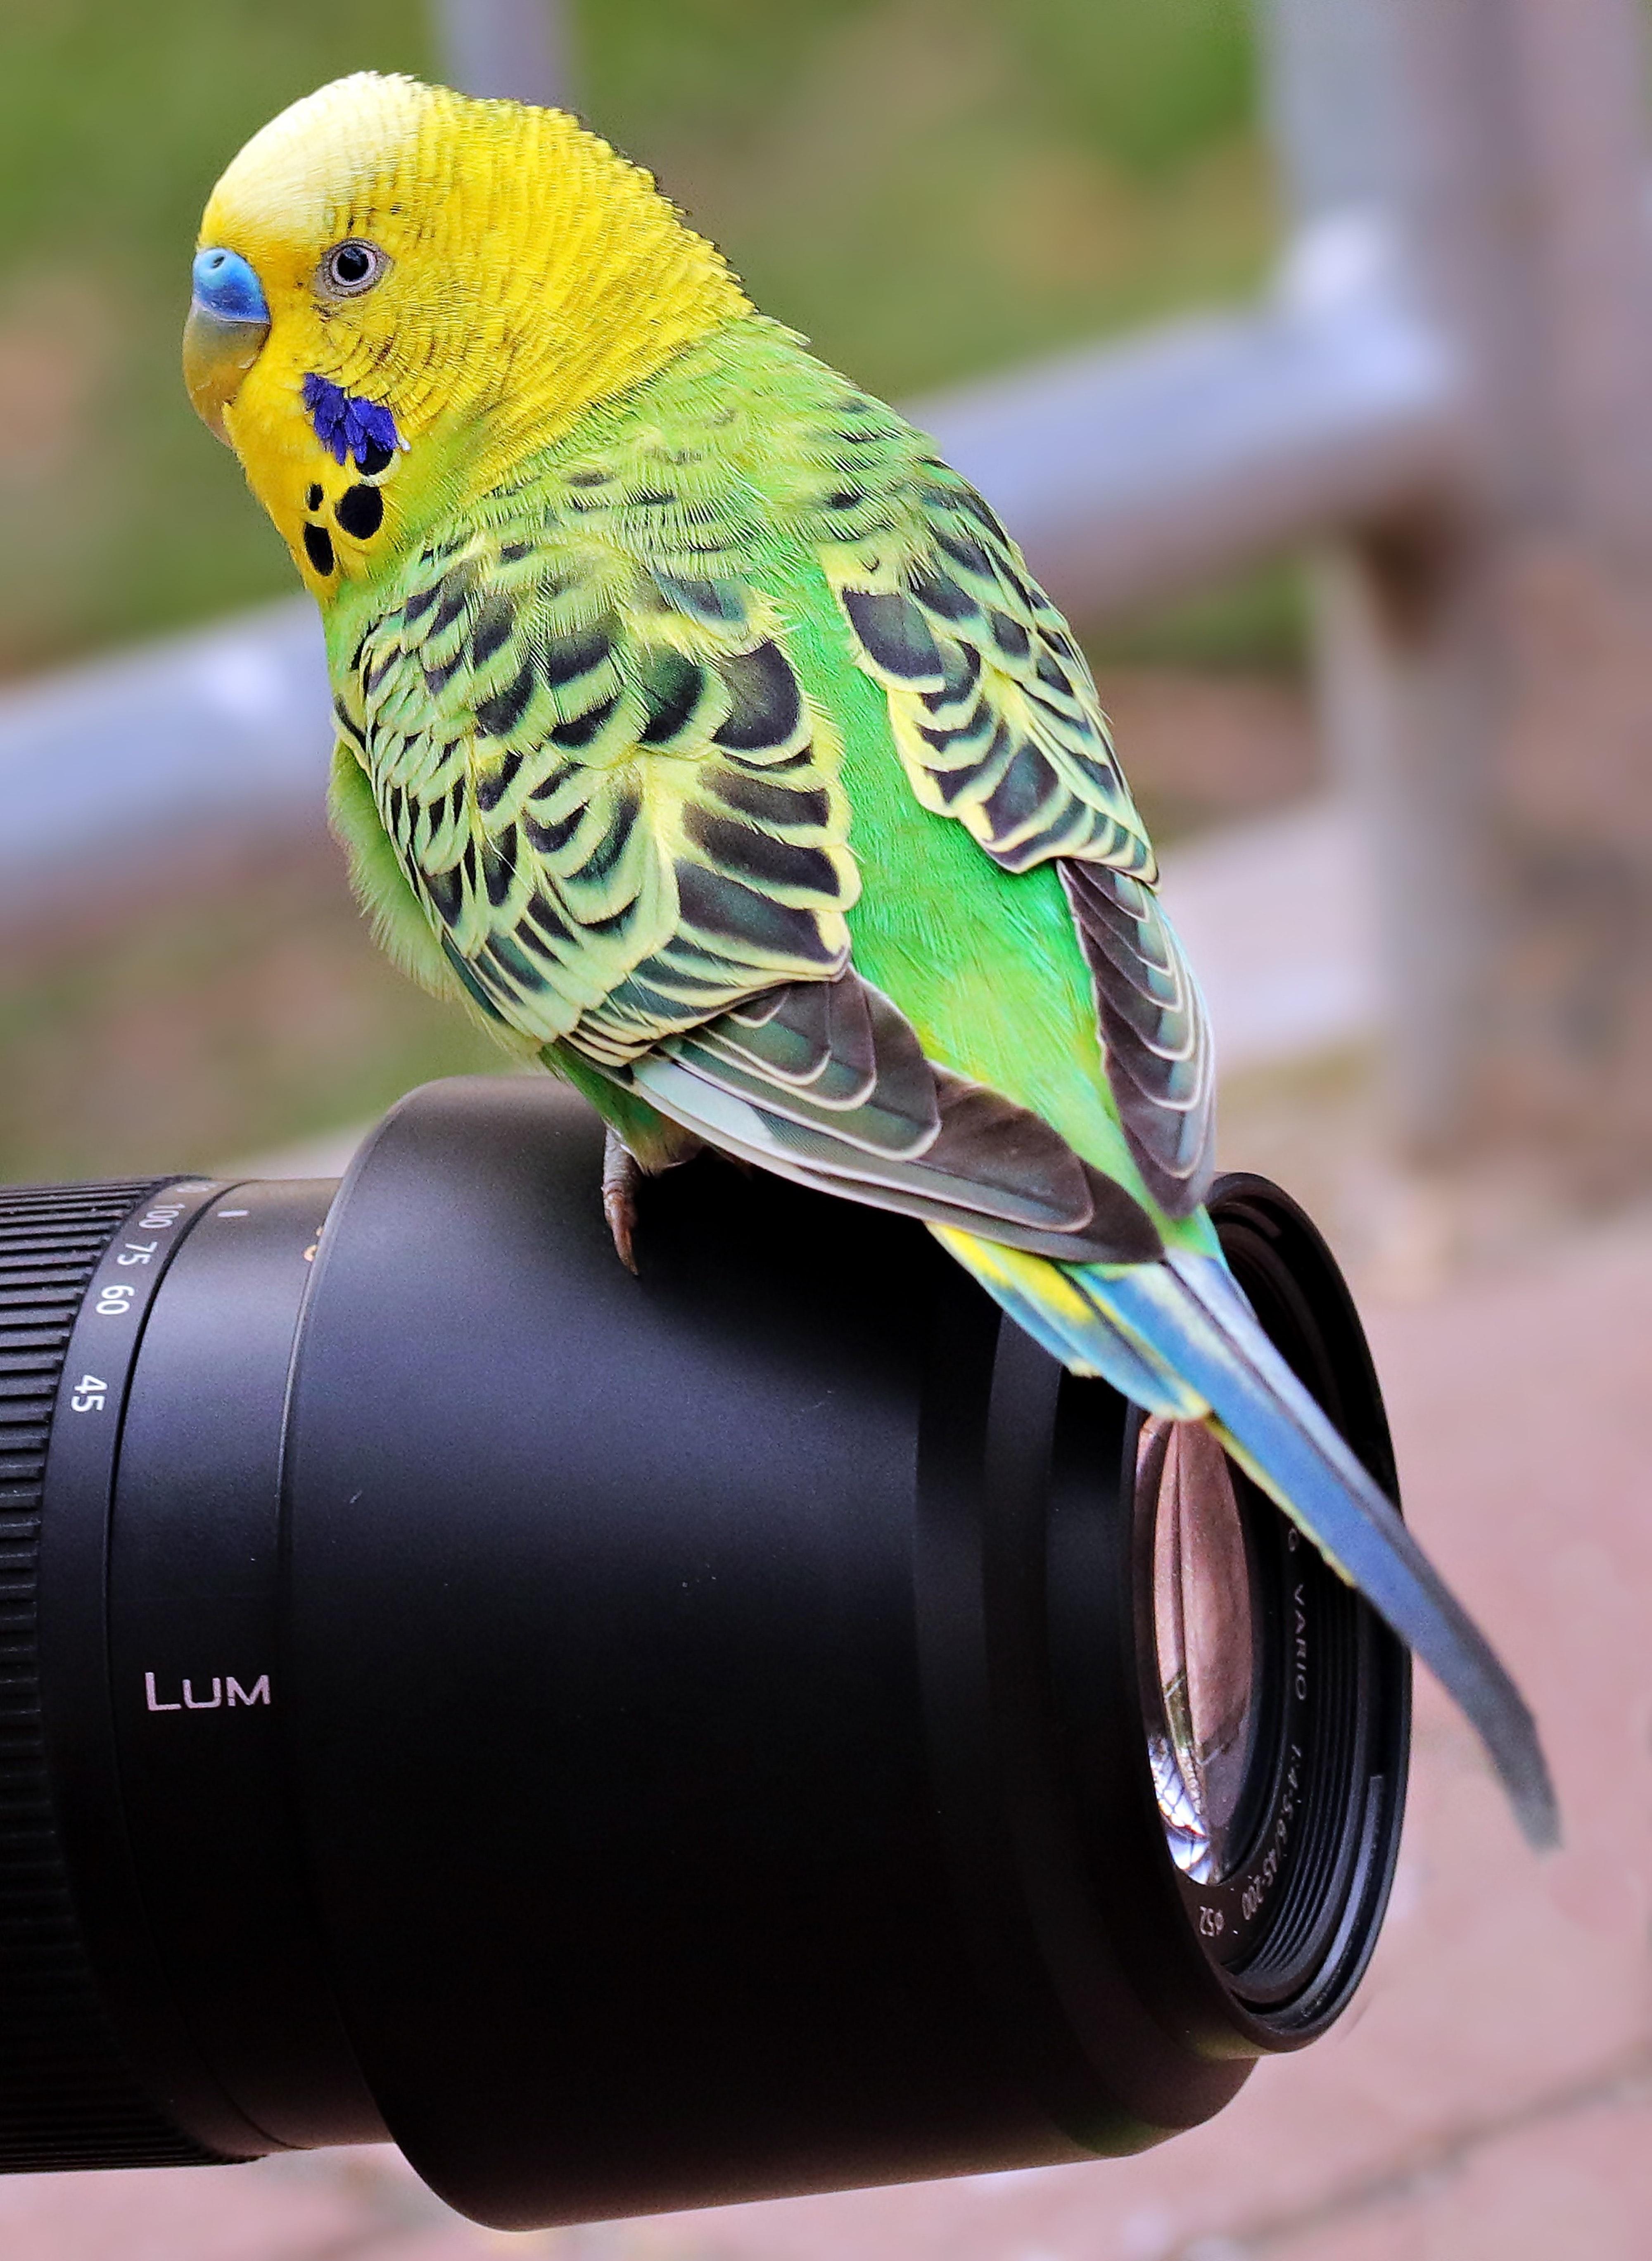 Close-up of bird photo